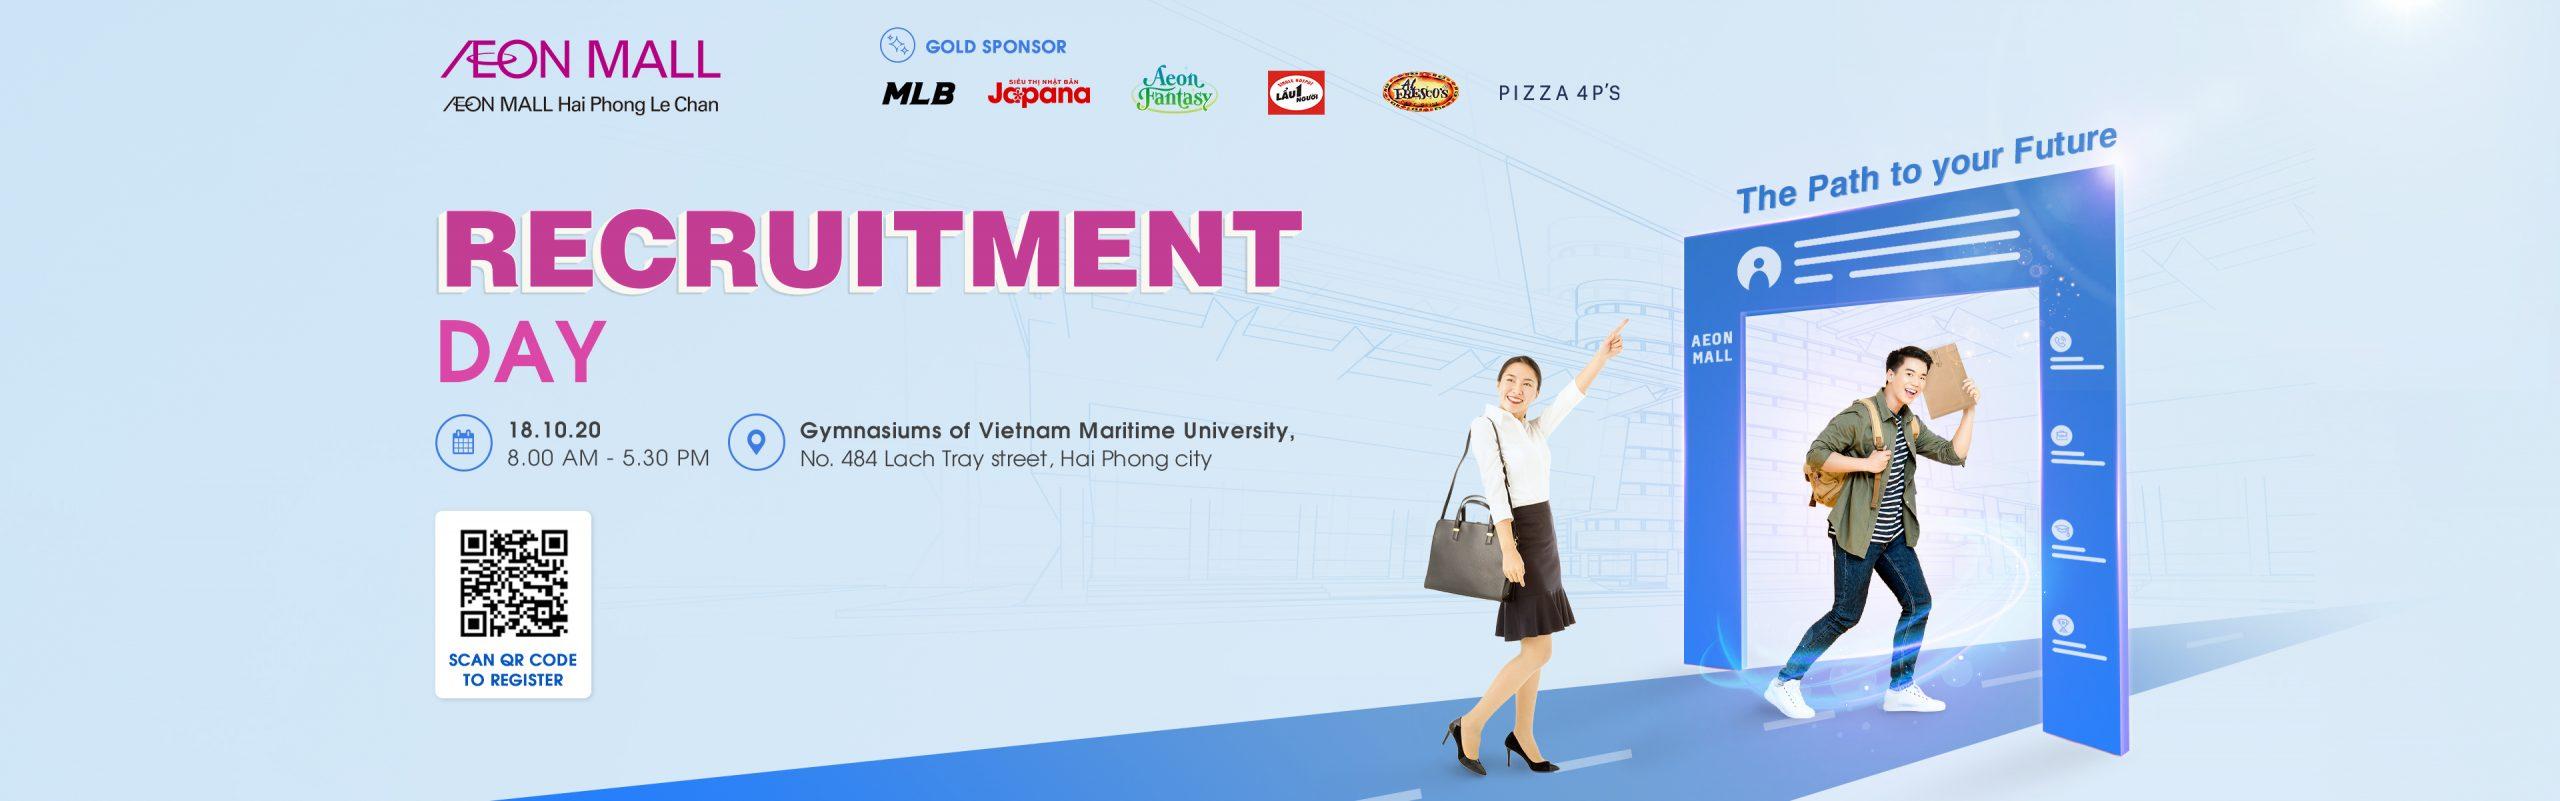 Recruitment Day AEON MALL Hai Phong Le Chan